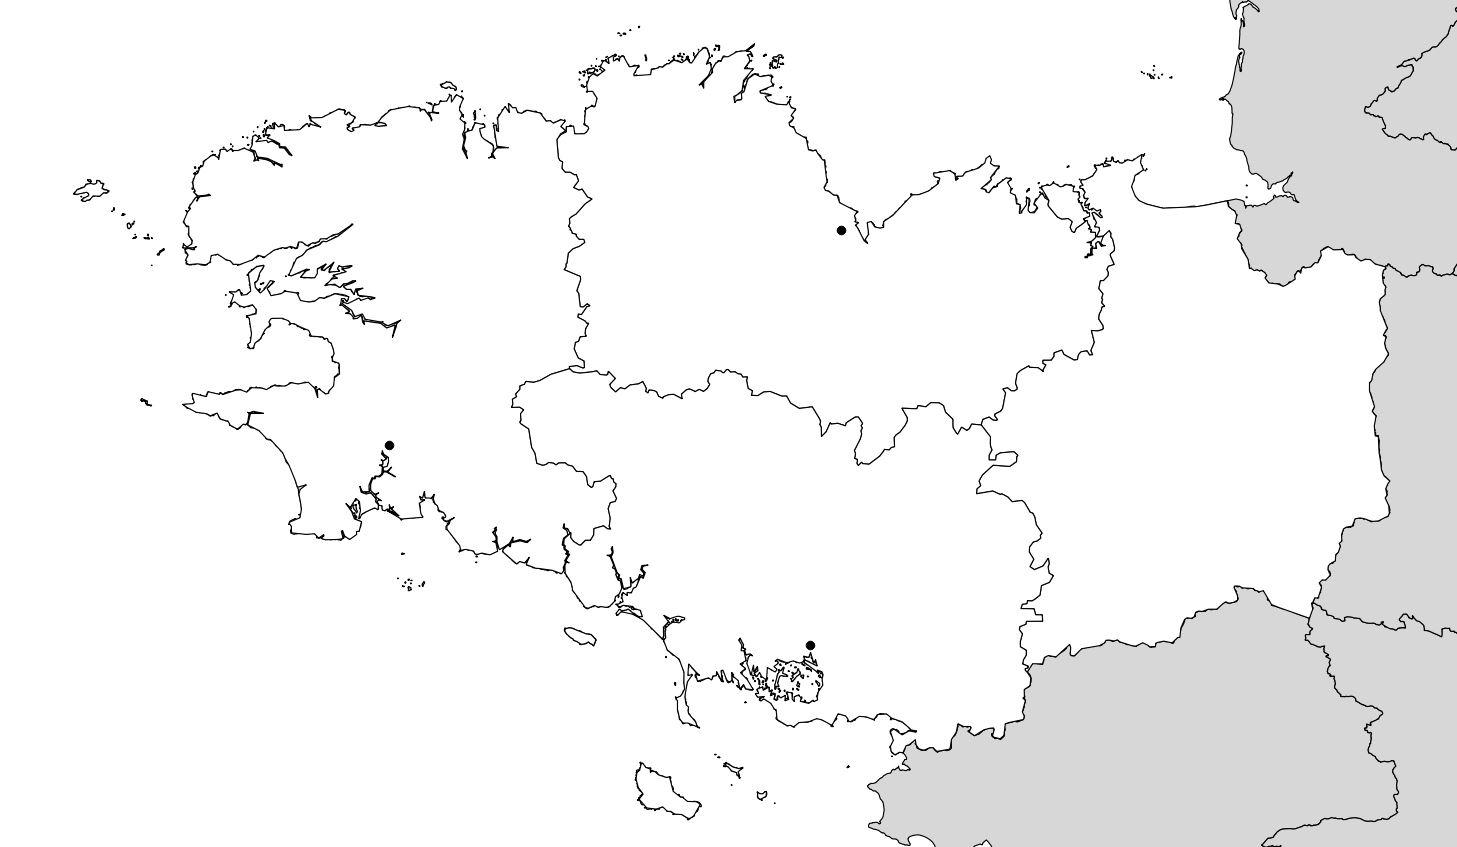 Carte De La Bretagne (Administrative) - Villes, Relief pour Carte Département Vierge